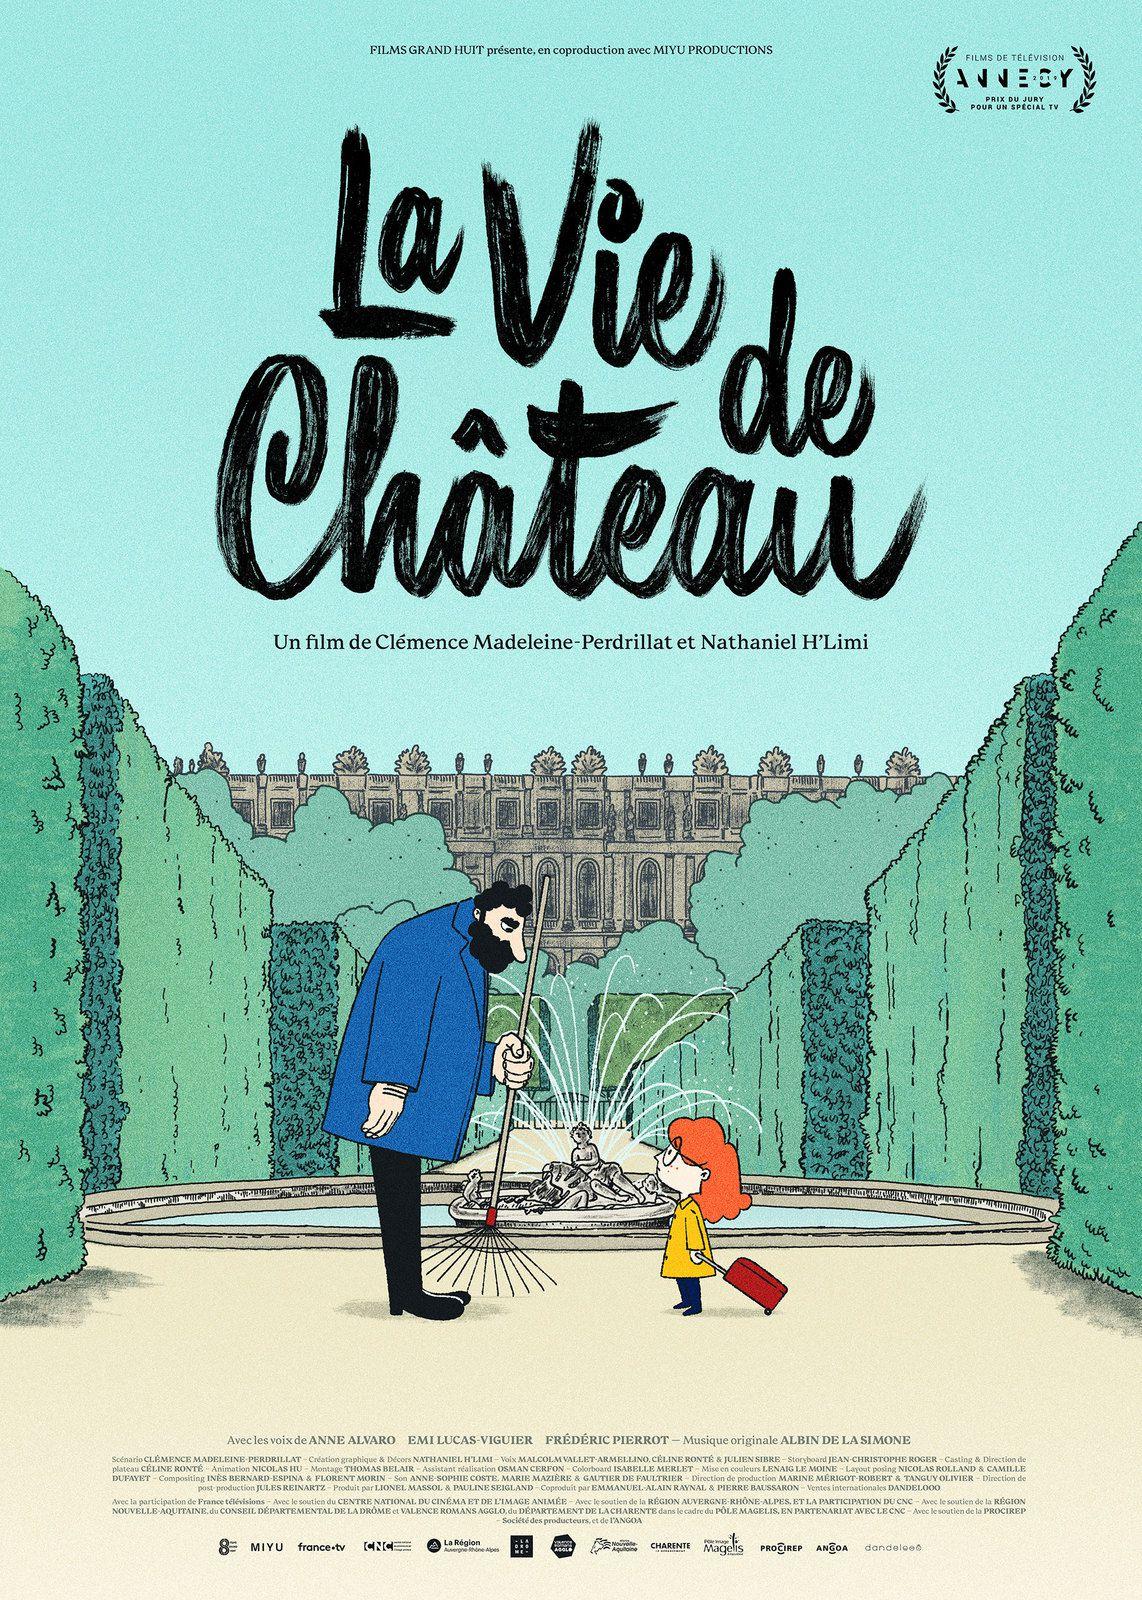 La vie de château (LE TEASER) de Clémence Madeleine-Perdrillat et Nathaniel H'limi - Le 24 février 2021 au cinéma